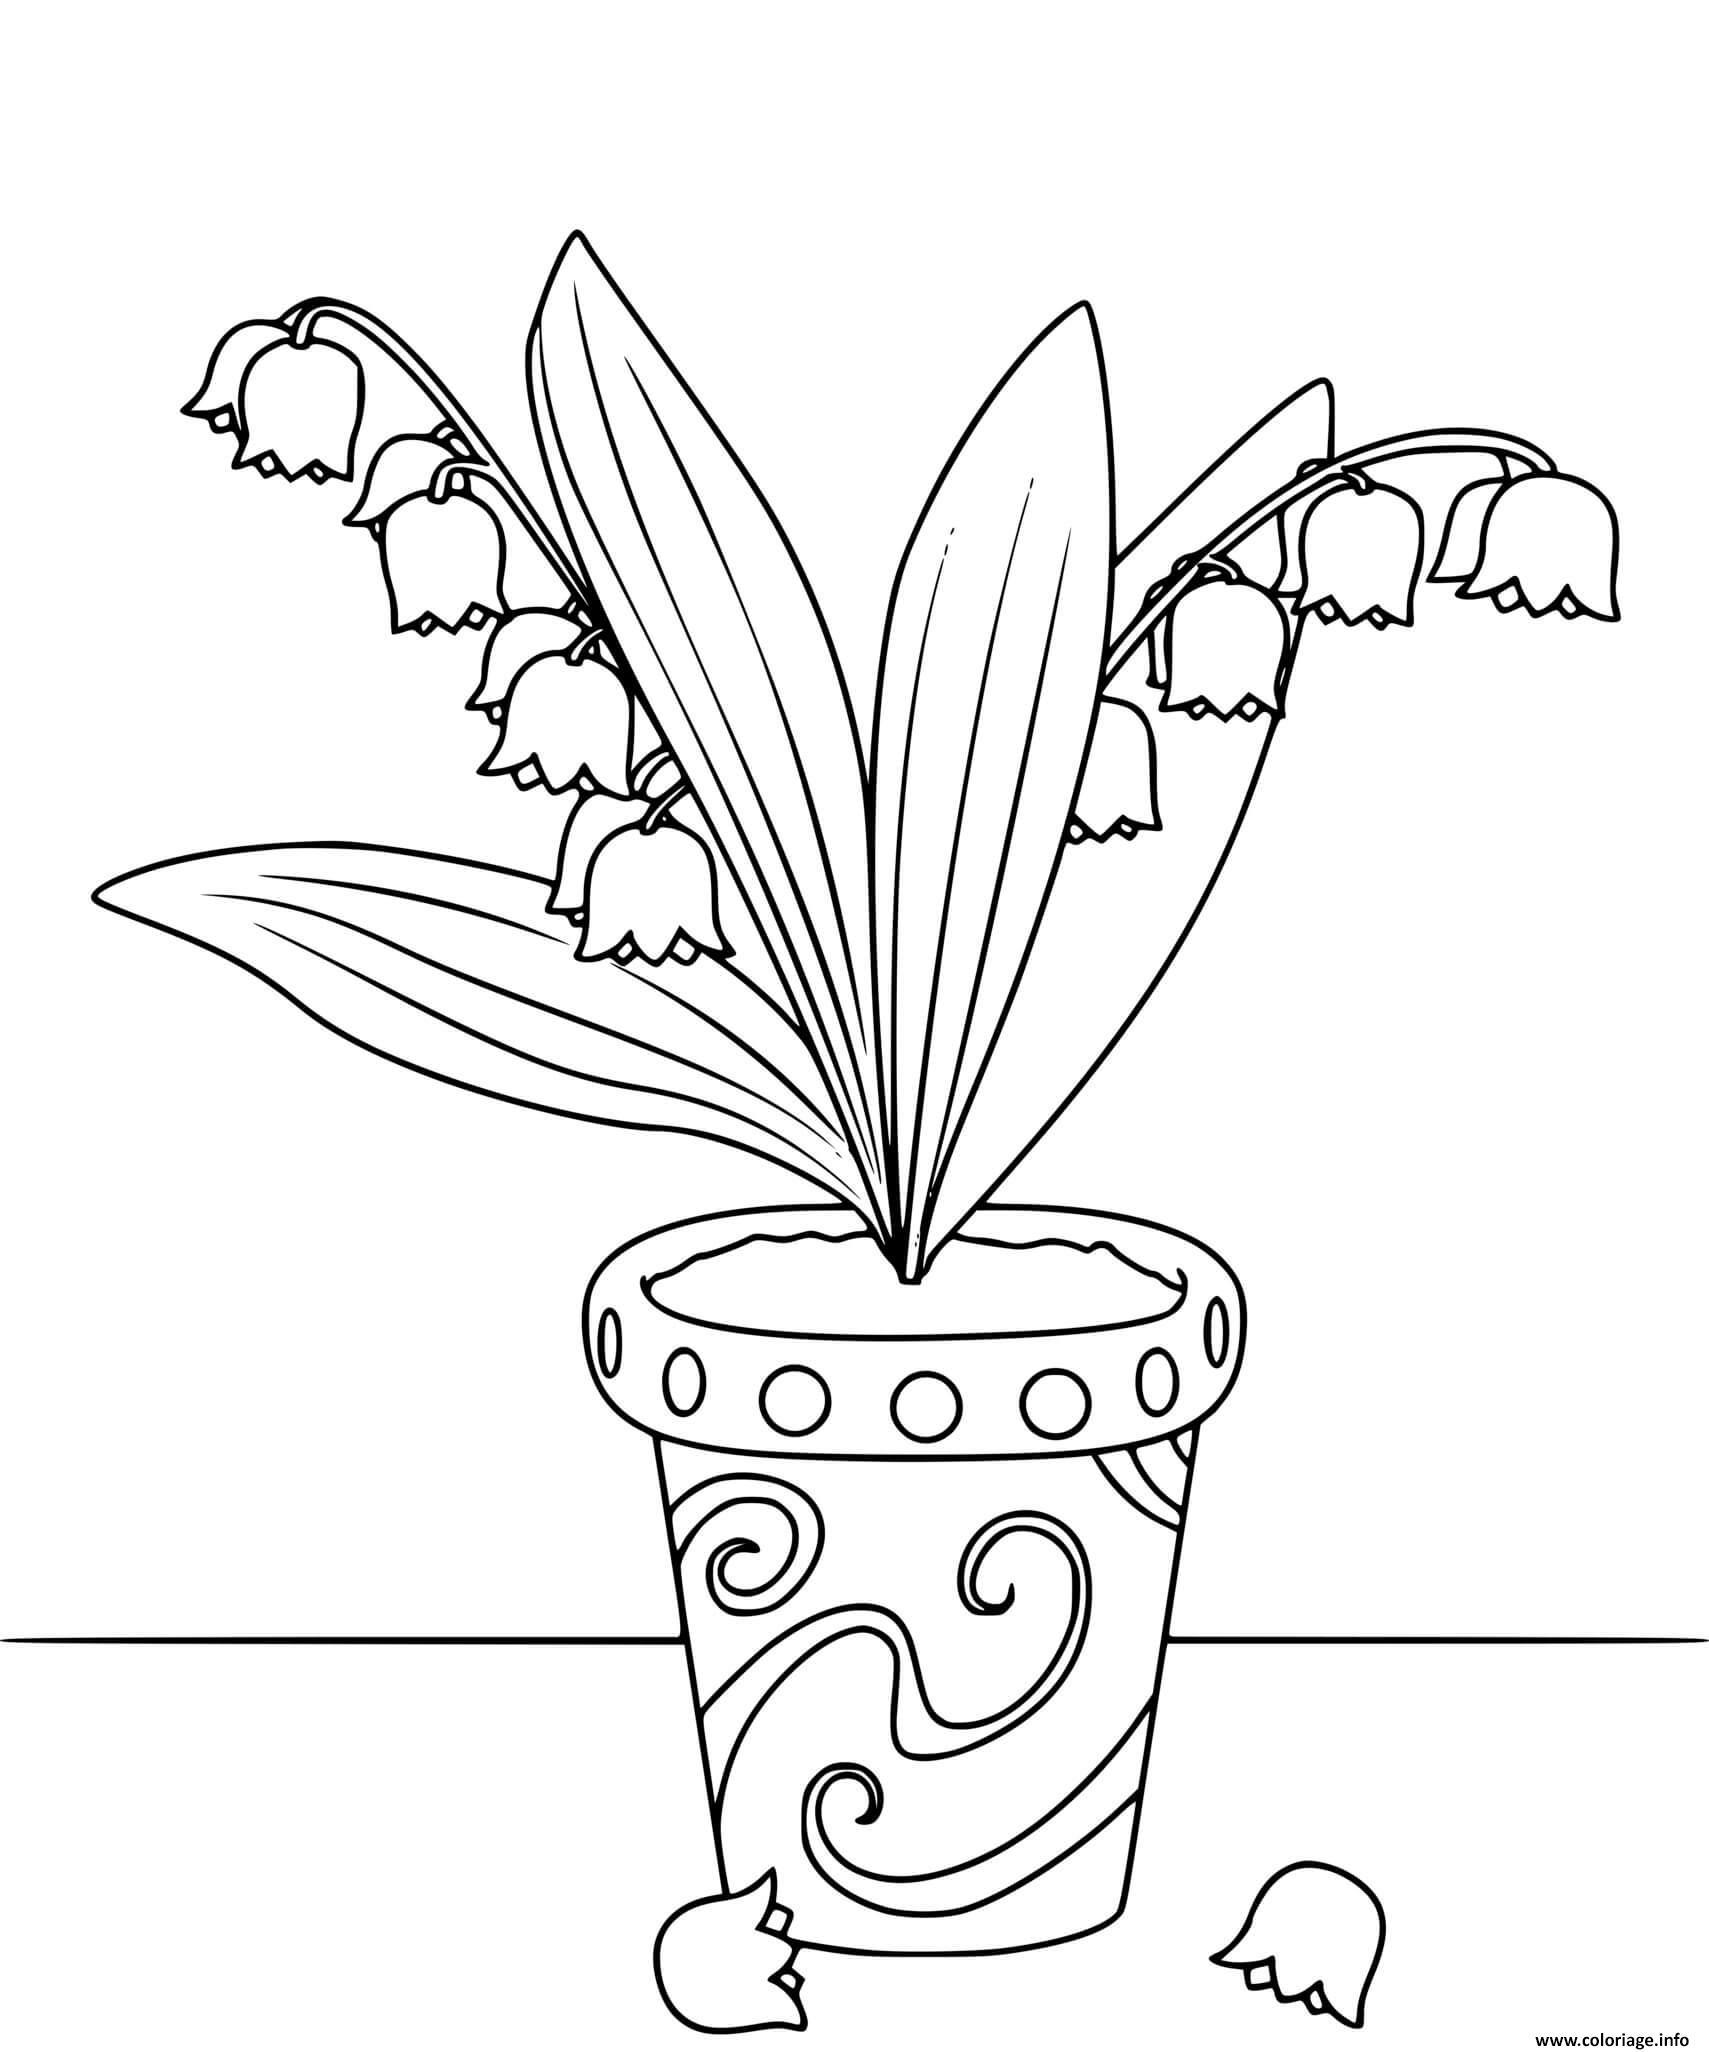 Dessin pot de fleurs de muguet 1er mai Coloriage Gratuit à Imprimer